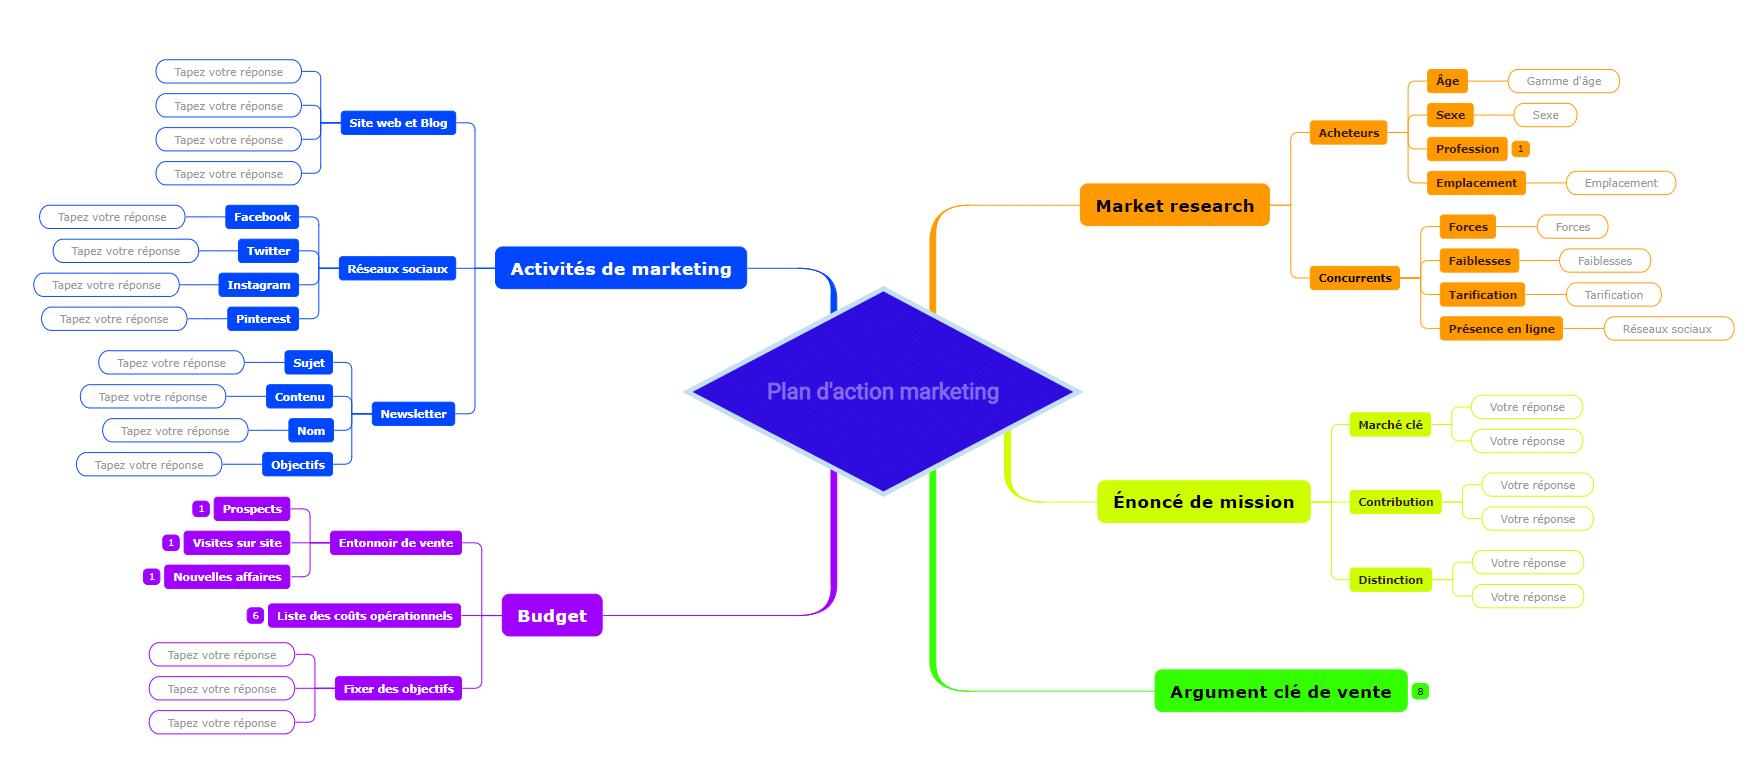 plan d'action marketing exemples de cartes mentales